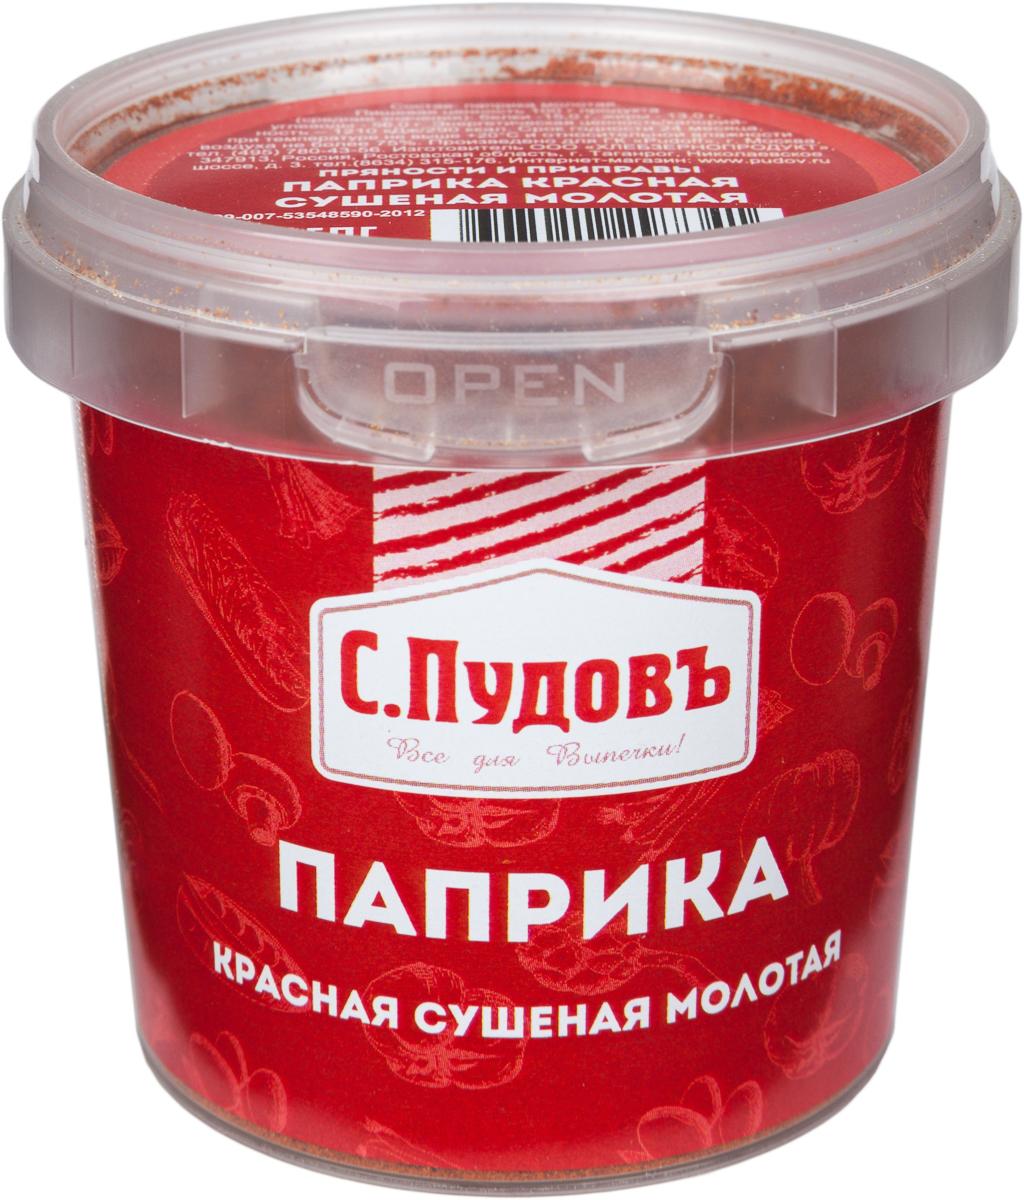 Пудовъ паприка красная сушеная молотая, 80 г паприка красная сушёная 50 г китай